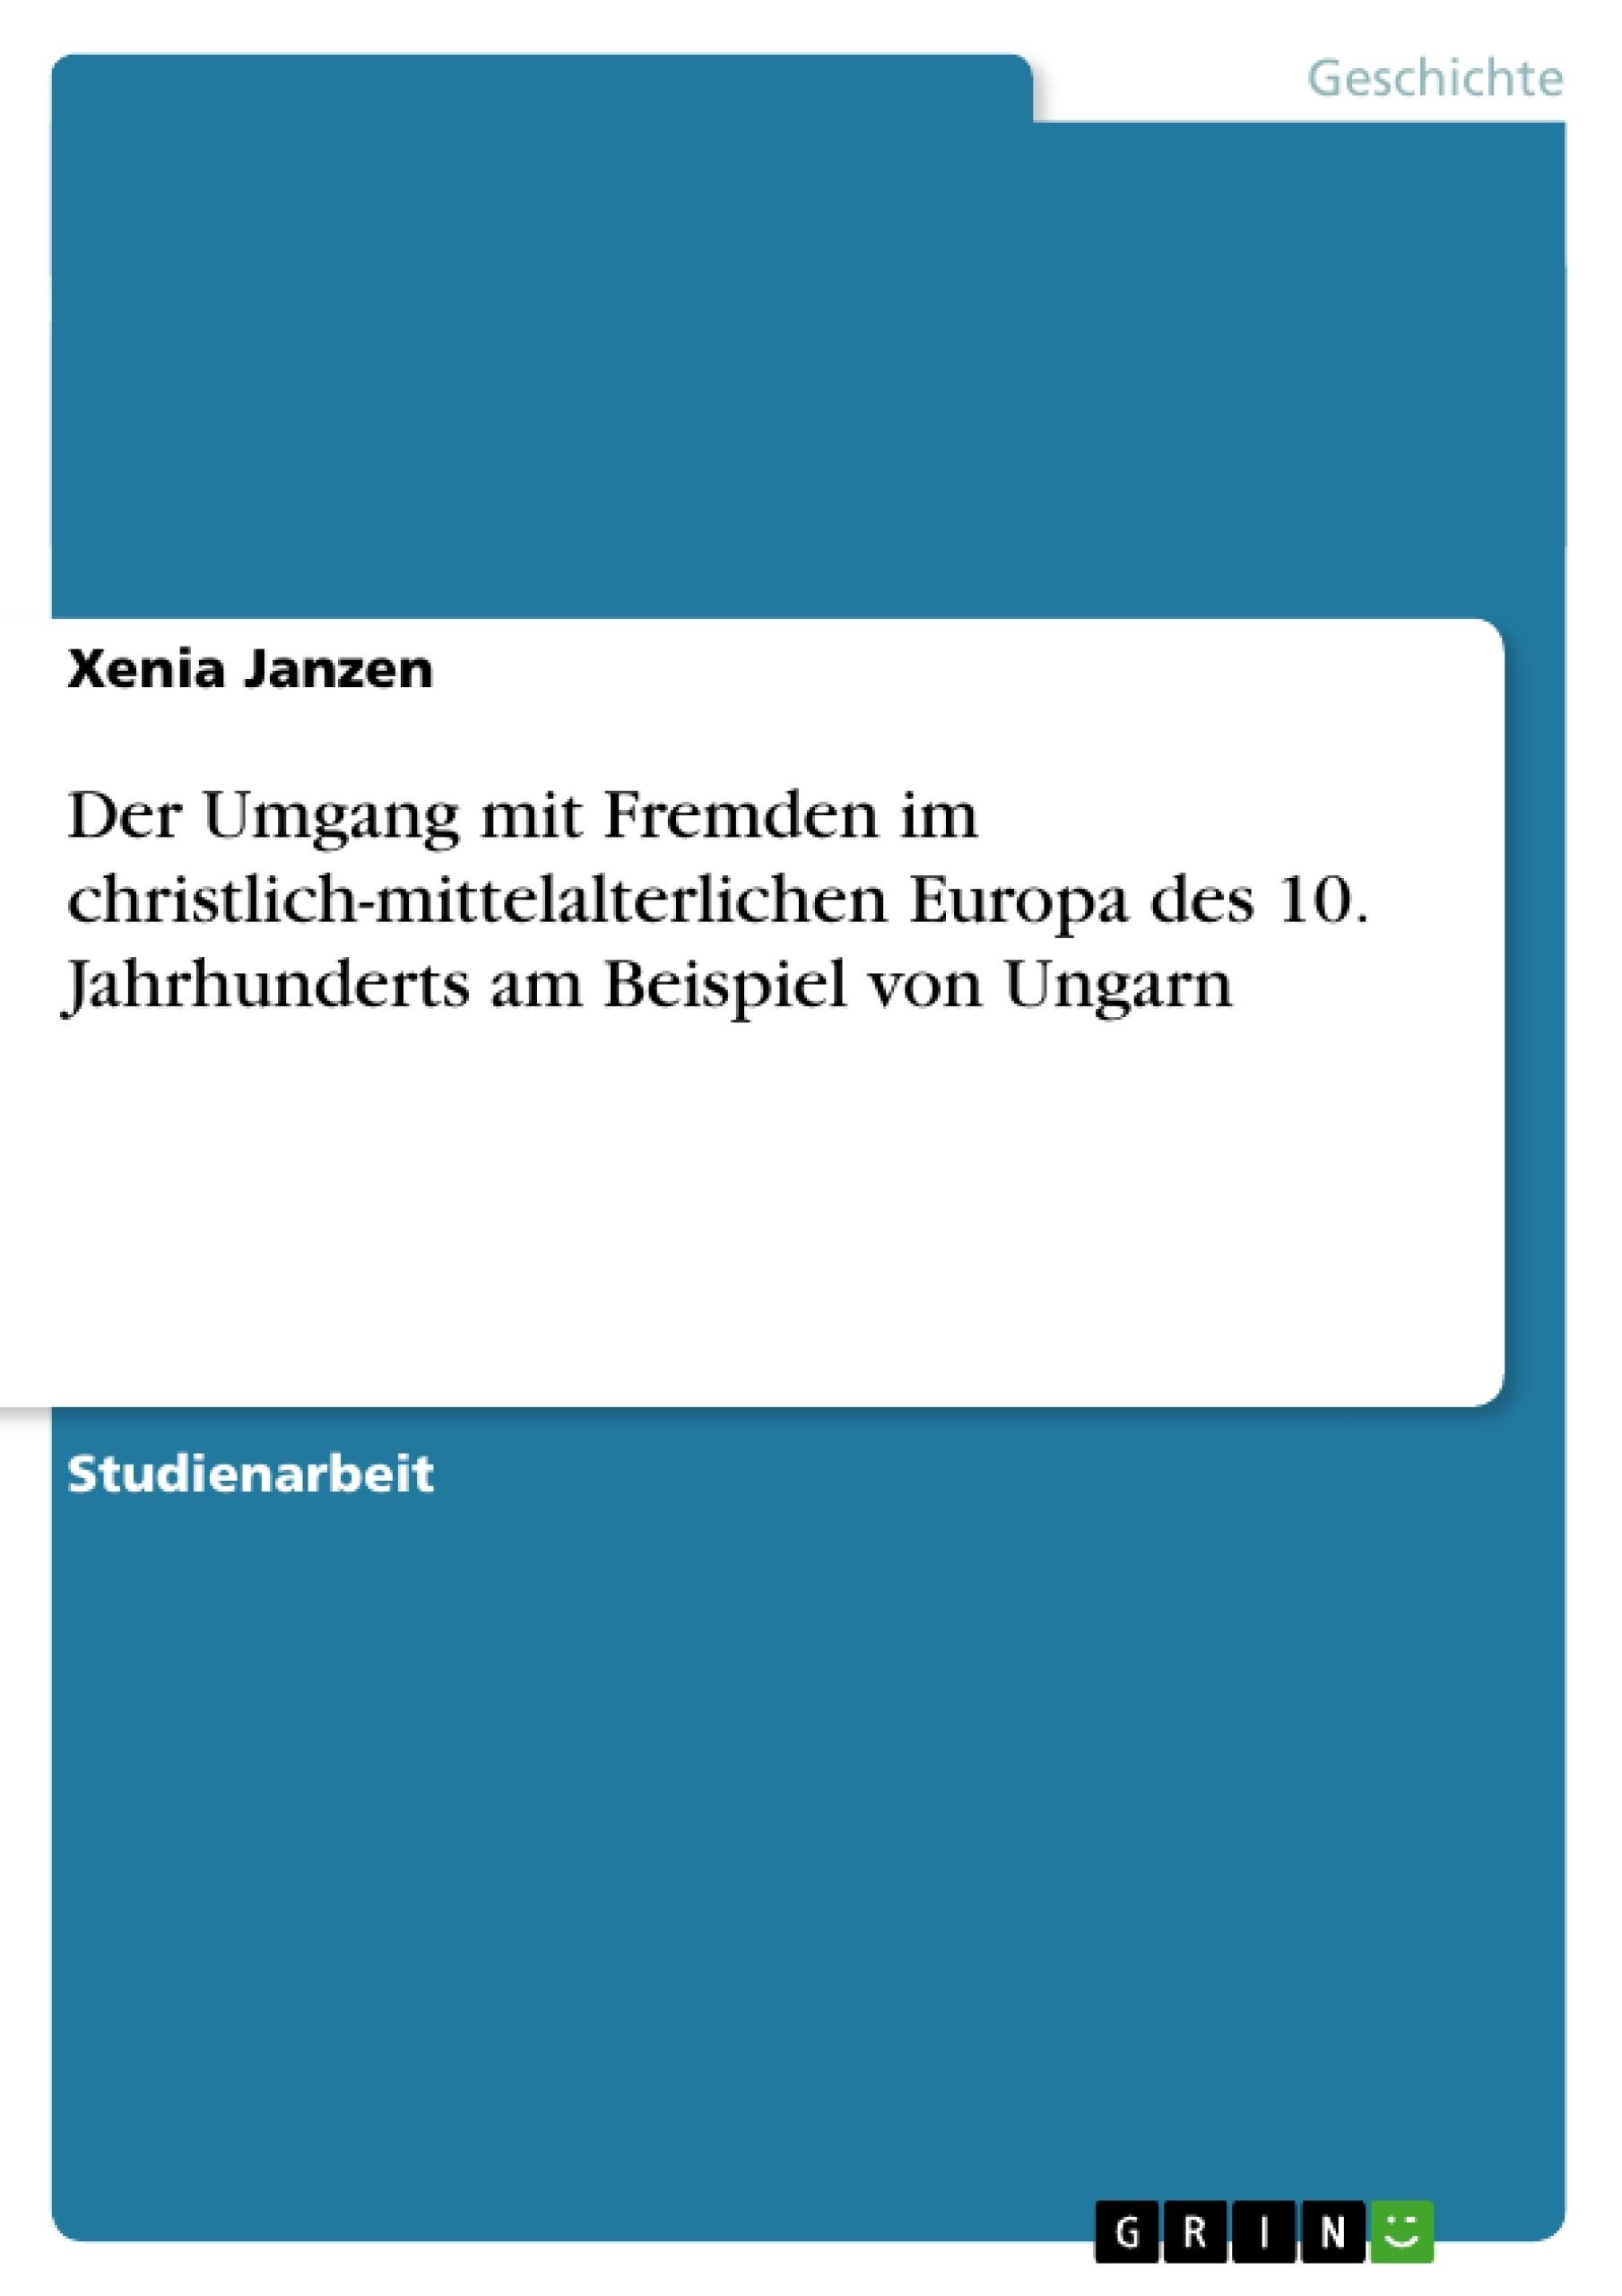 Titel: Der Umgang mit Fremden im christlich-mittelalterlichen Europa des 10. Jahrhunderts am Beispiel von Ungarn